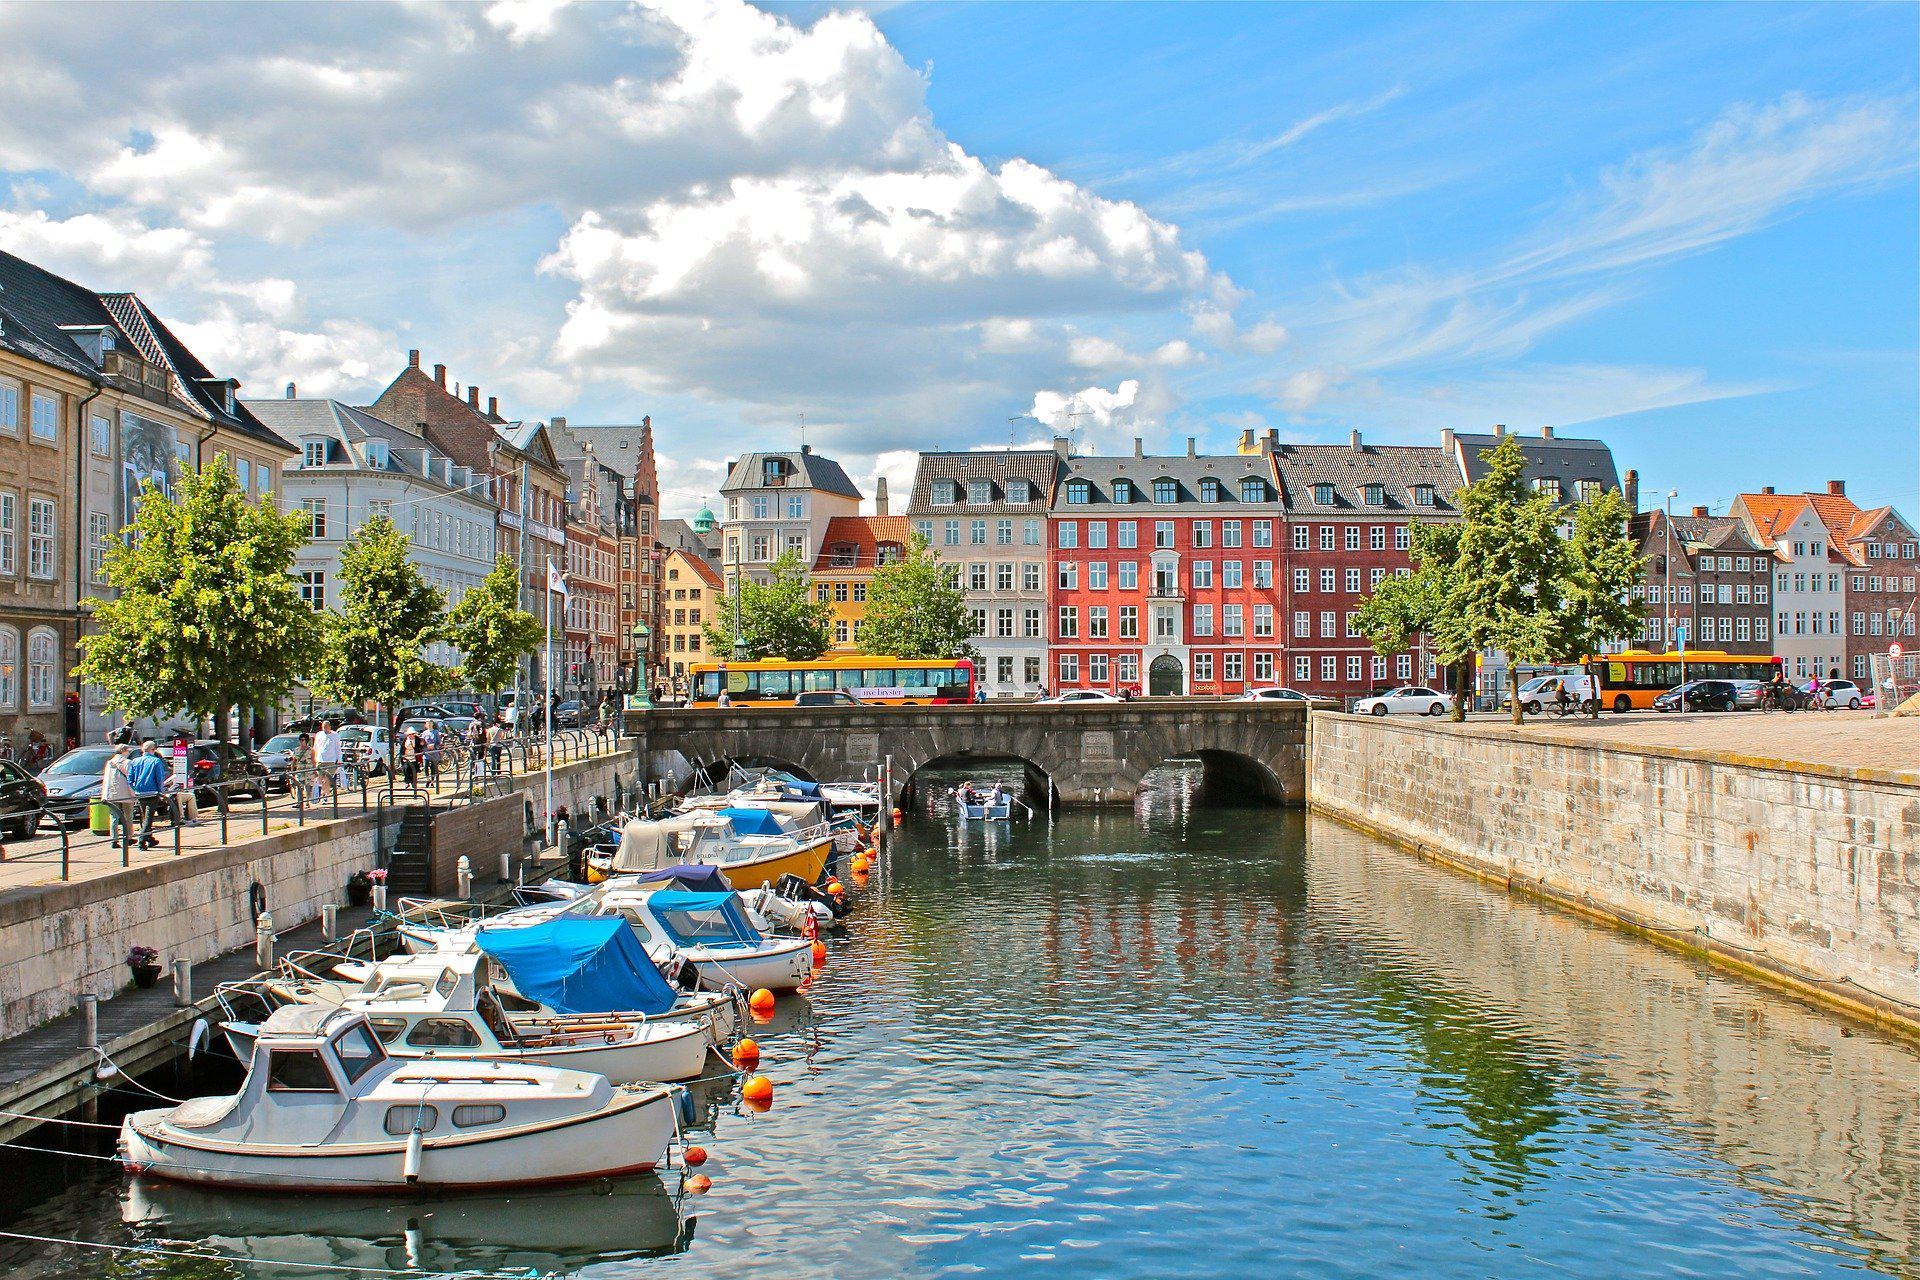 Датское налоговое управление возвращает в бюджет полтора миллиарда датских крон